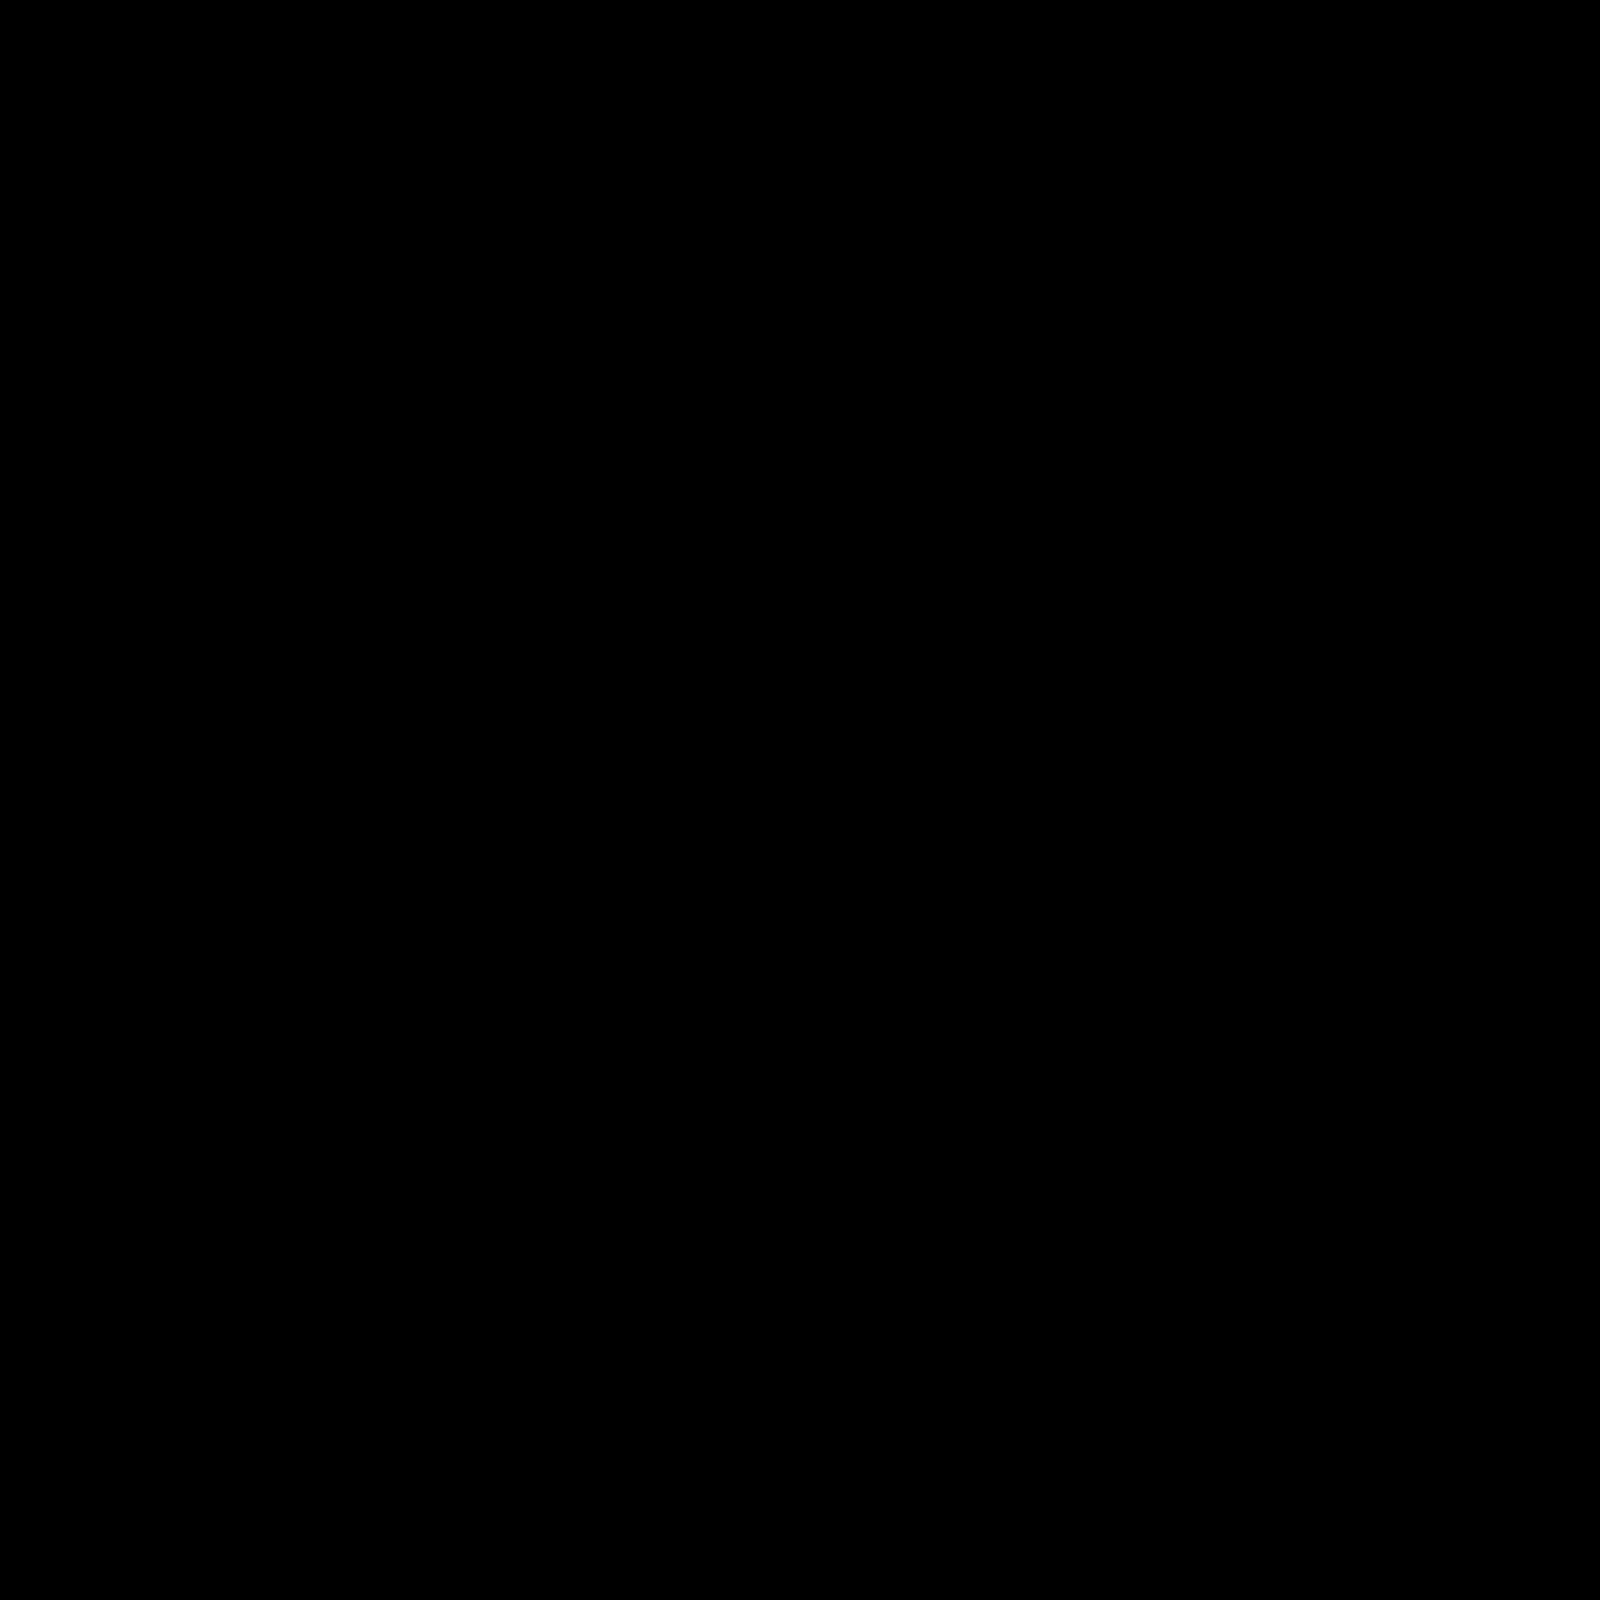 八角形 icon. It is a shape similar to a circle. However, it is broken up into smaller attached segments. Each segment base contains a small black circle marking the beginning of a new segment. There are eight of these segments